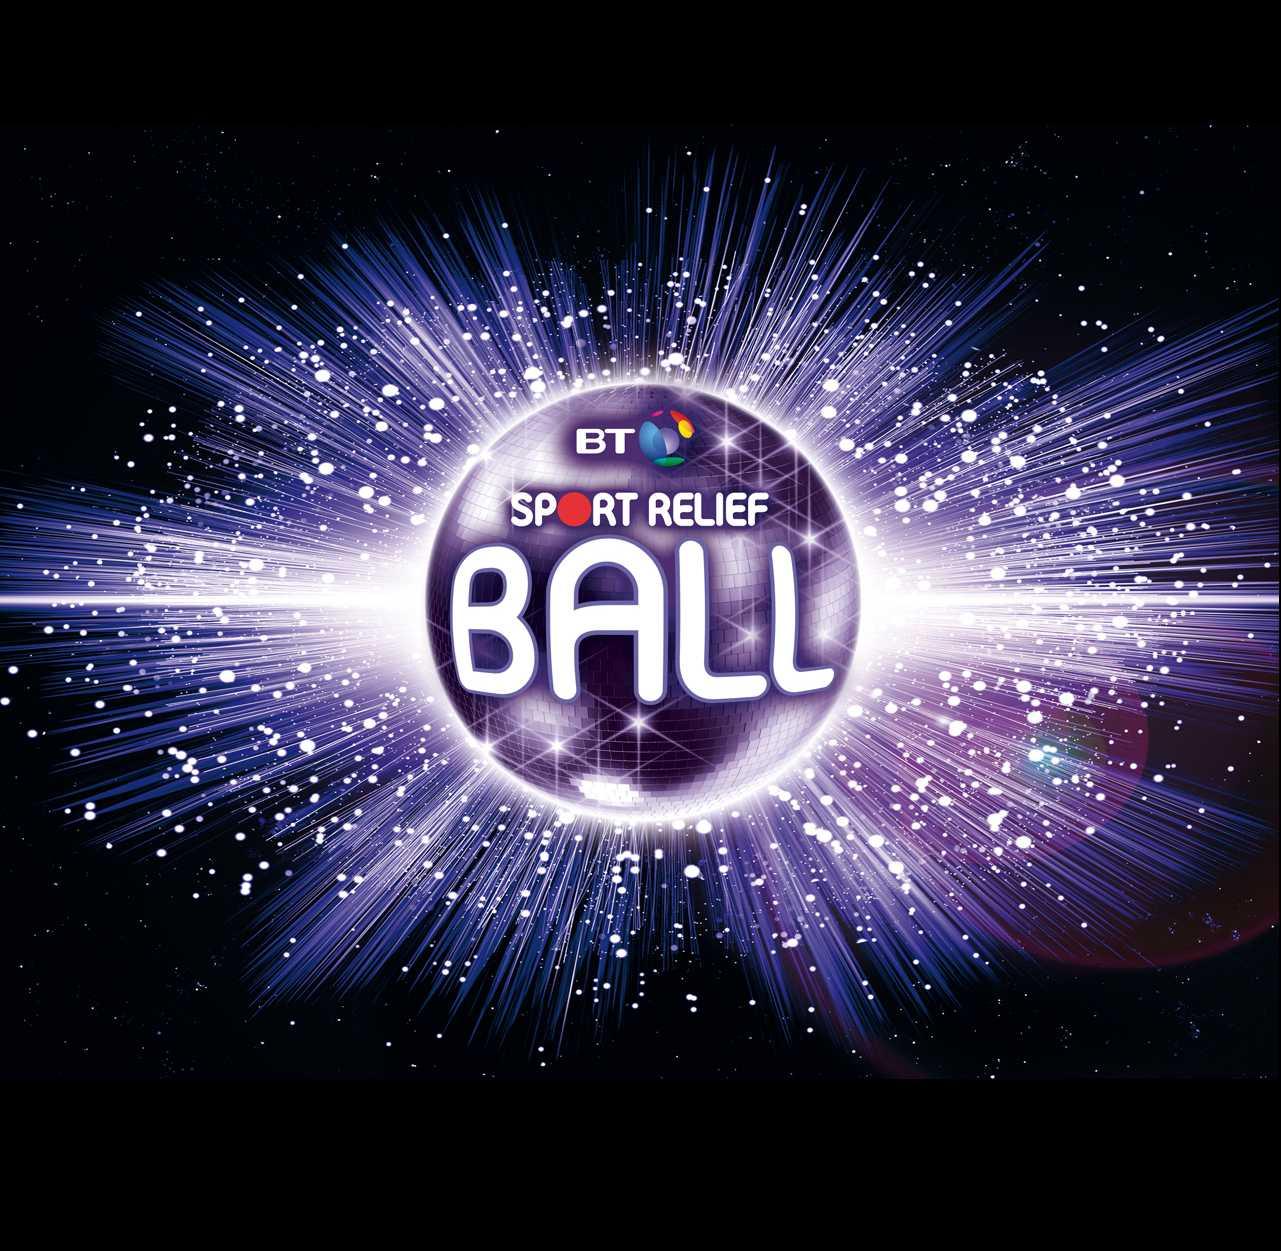 bt-sport-relief-ball